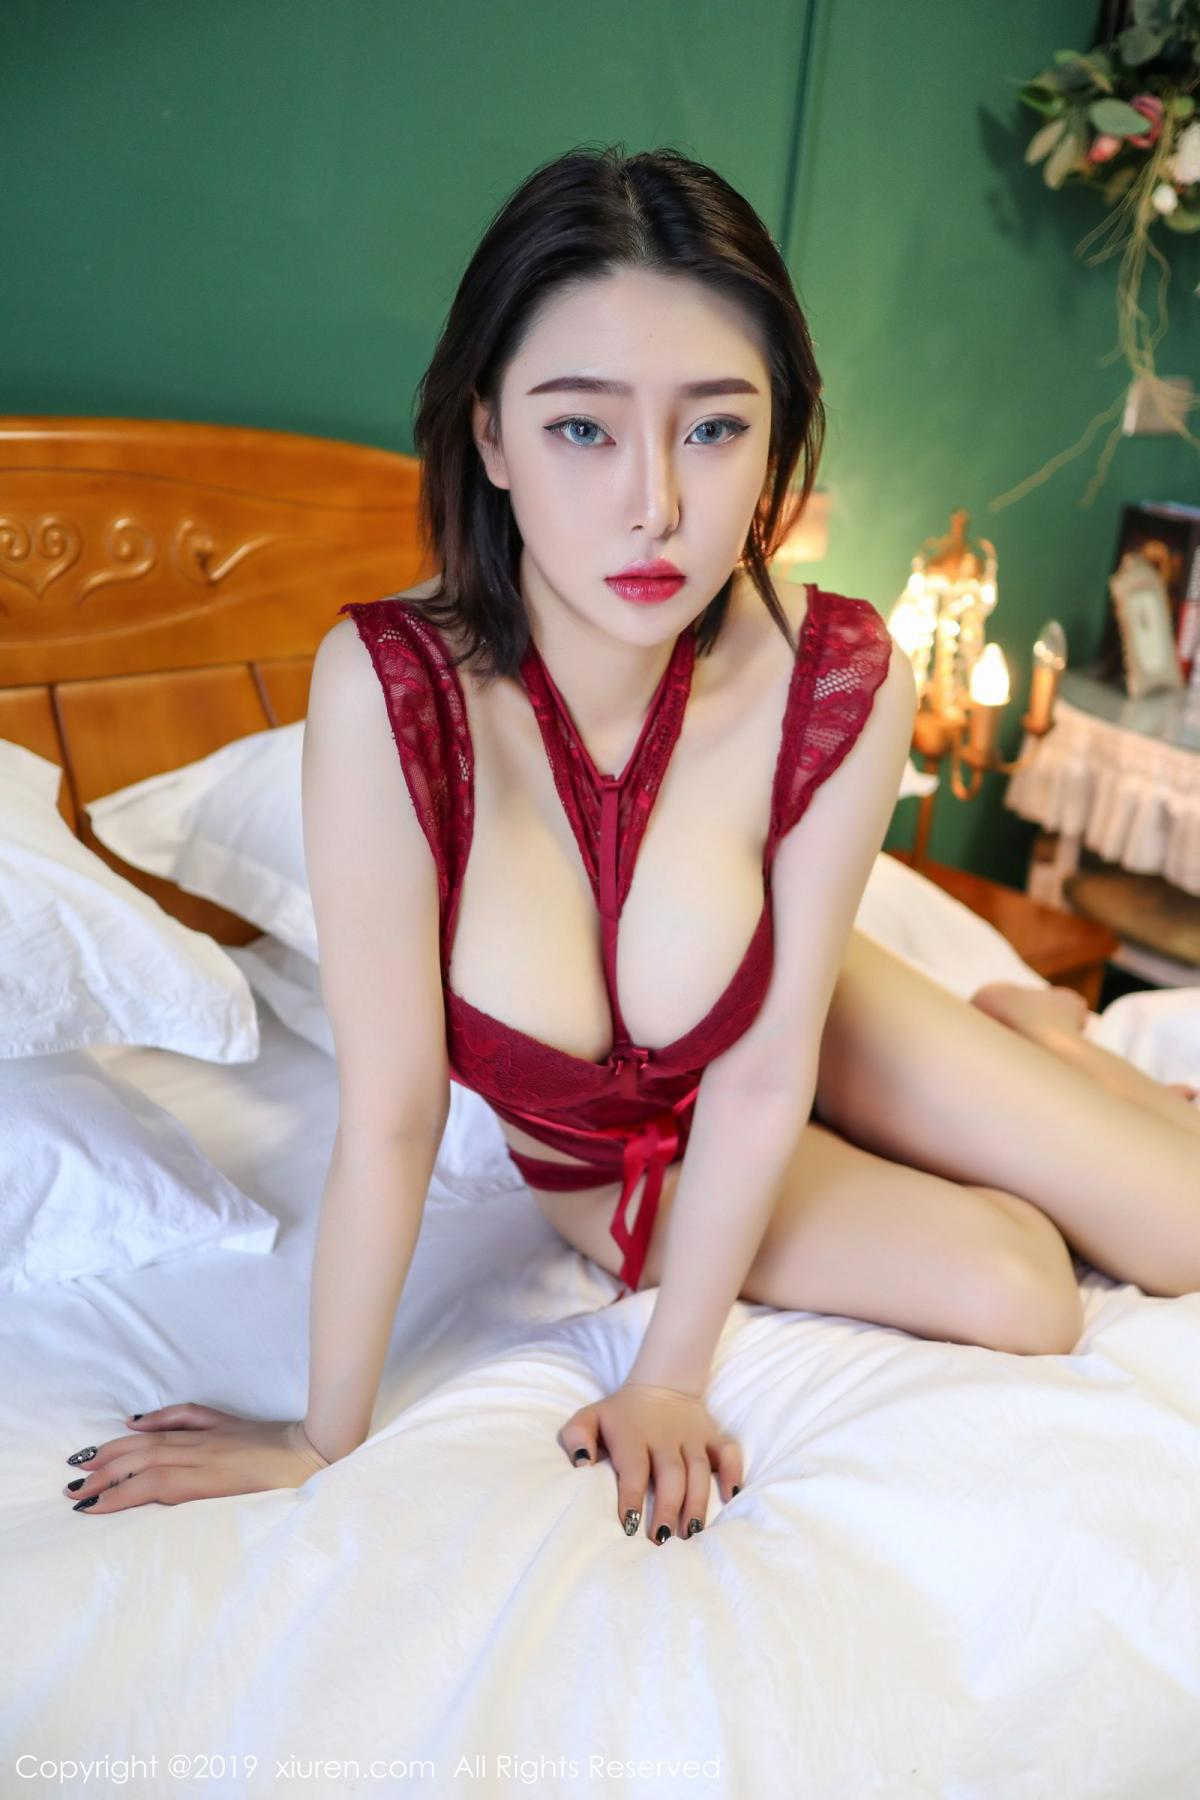 [XiuRen] Vol.1765 Yao A Yao De Yao 6P, Cool, Underwear, Xiuren, Yao A Yao De Yao